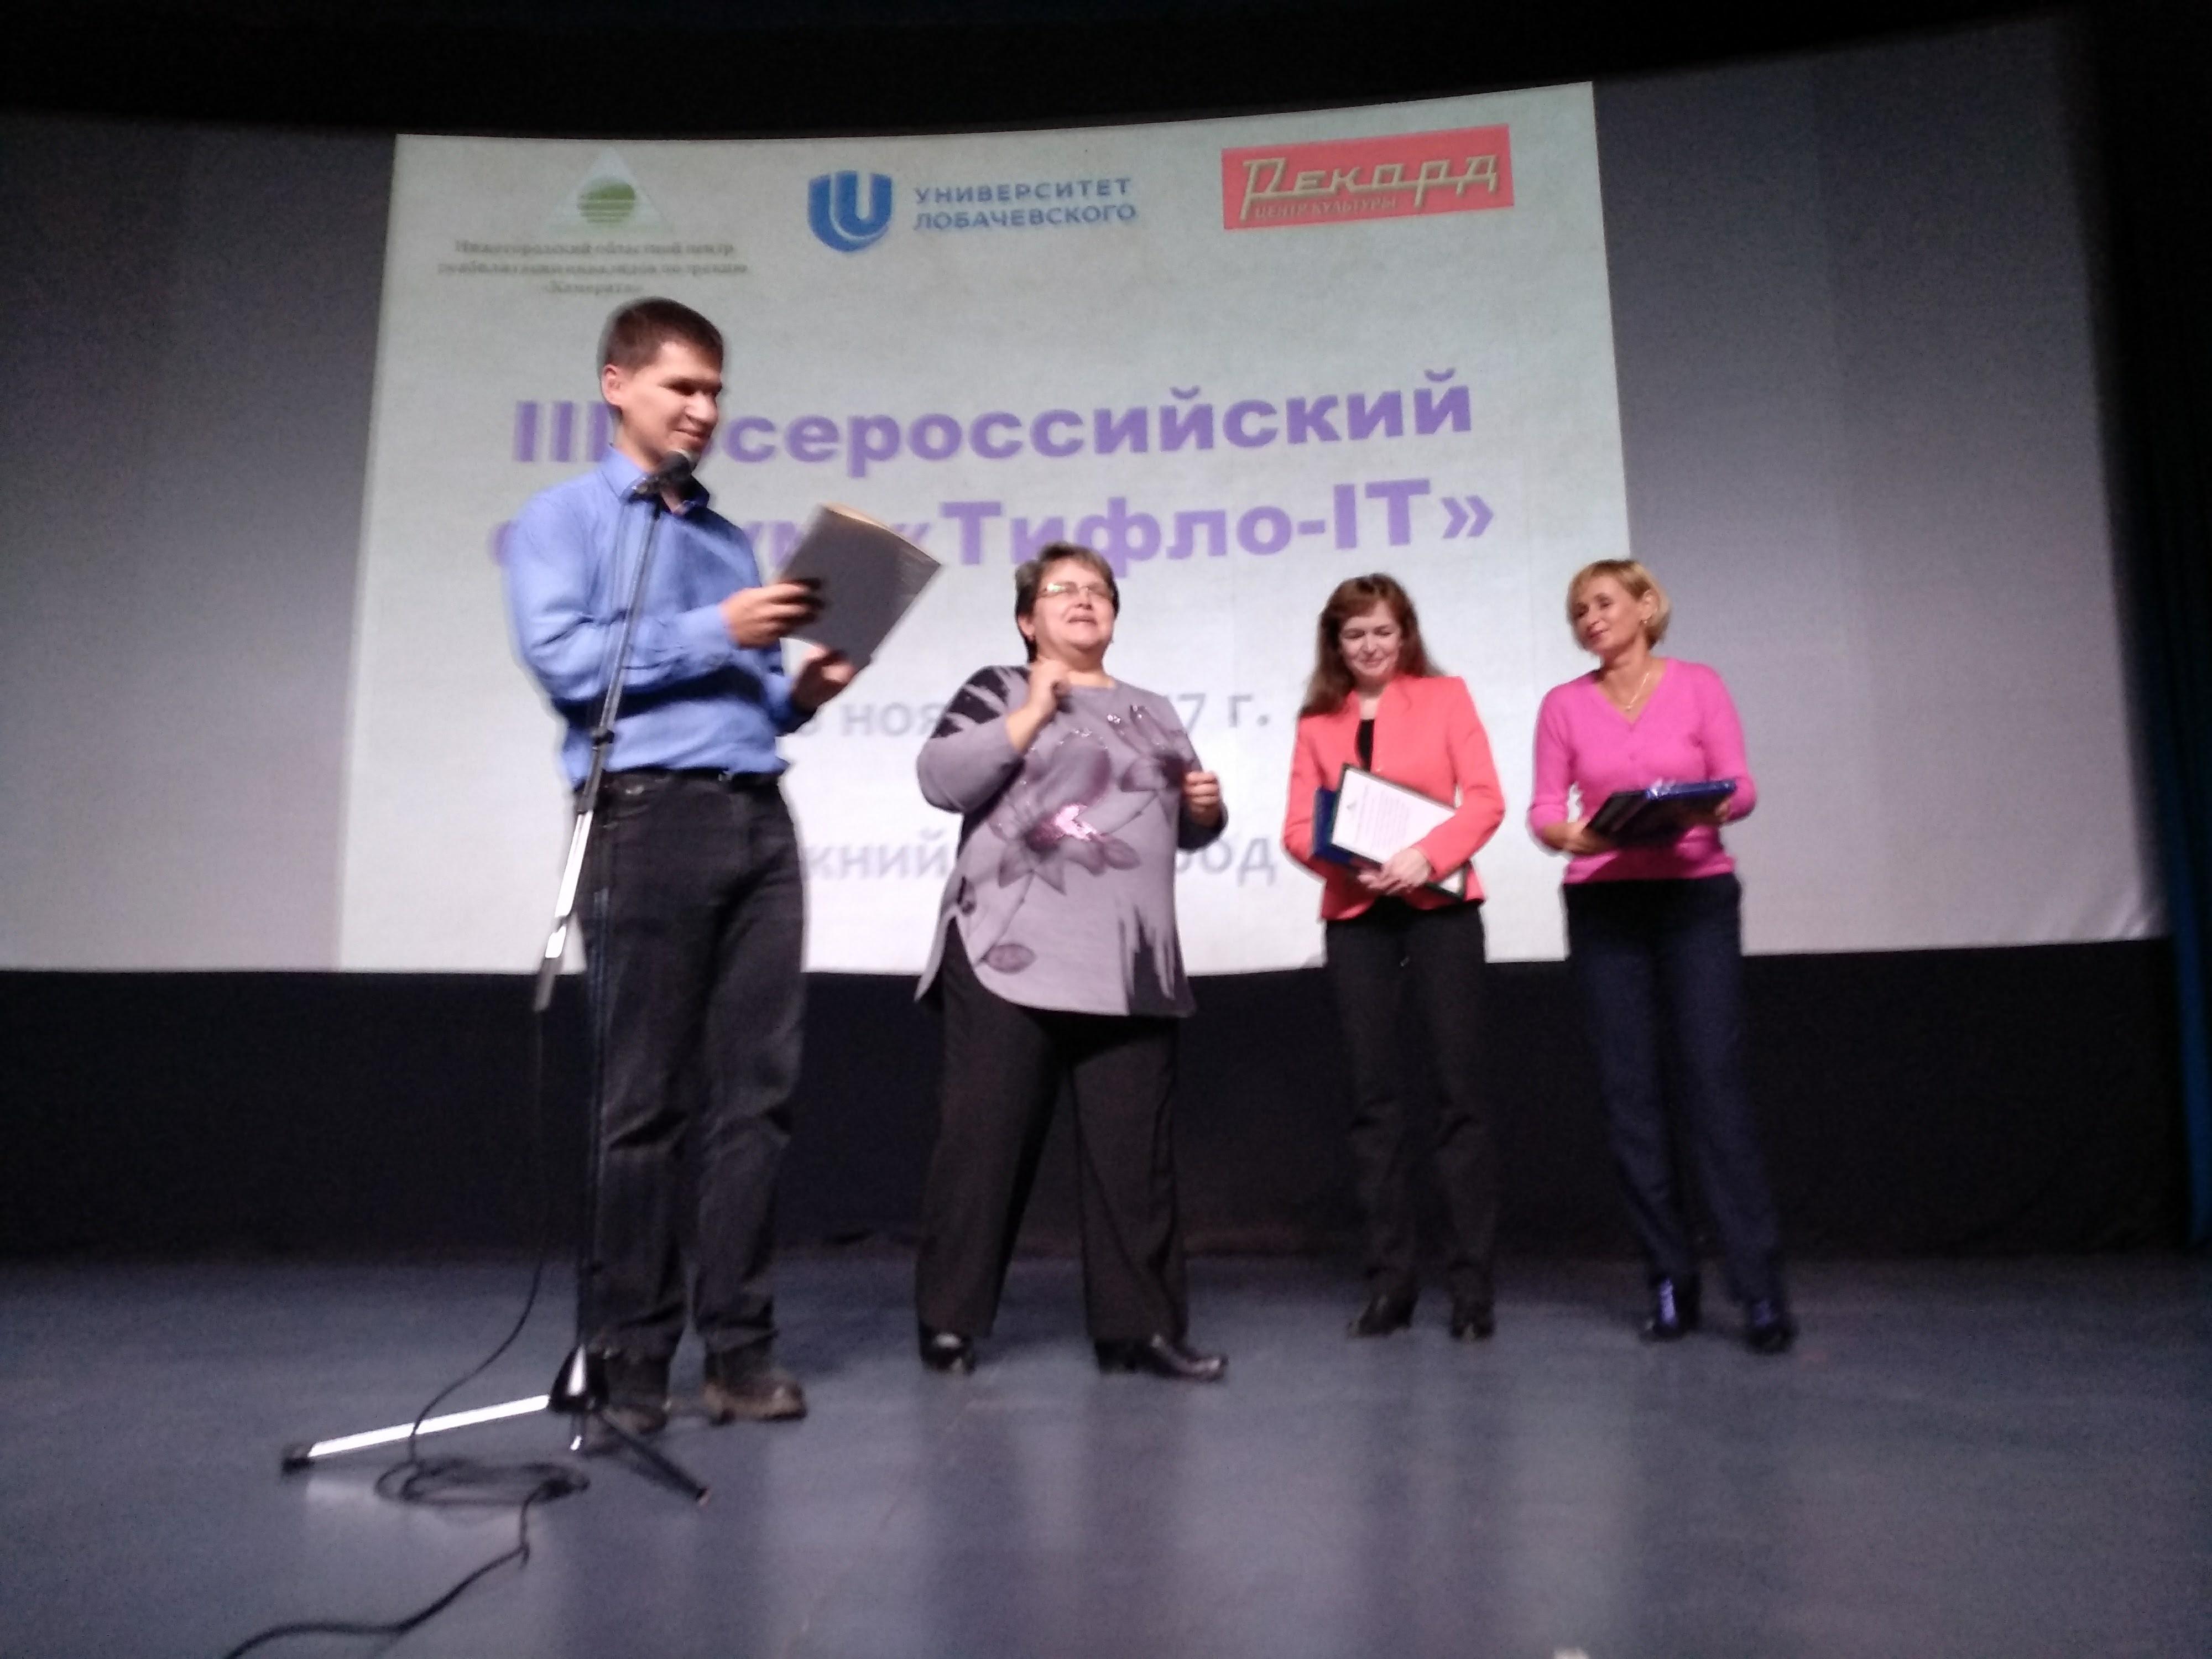 opyt rossiyskih nko po formirovaniyu dostupnoy informacionnoy sredy predstavili v nizhnem novgorode